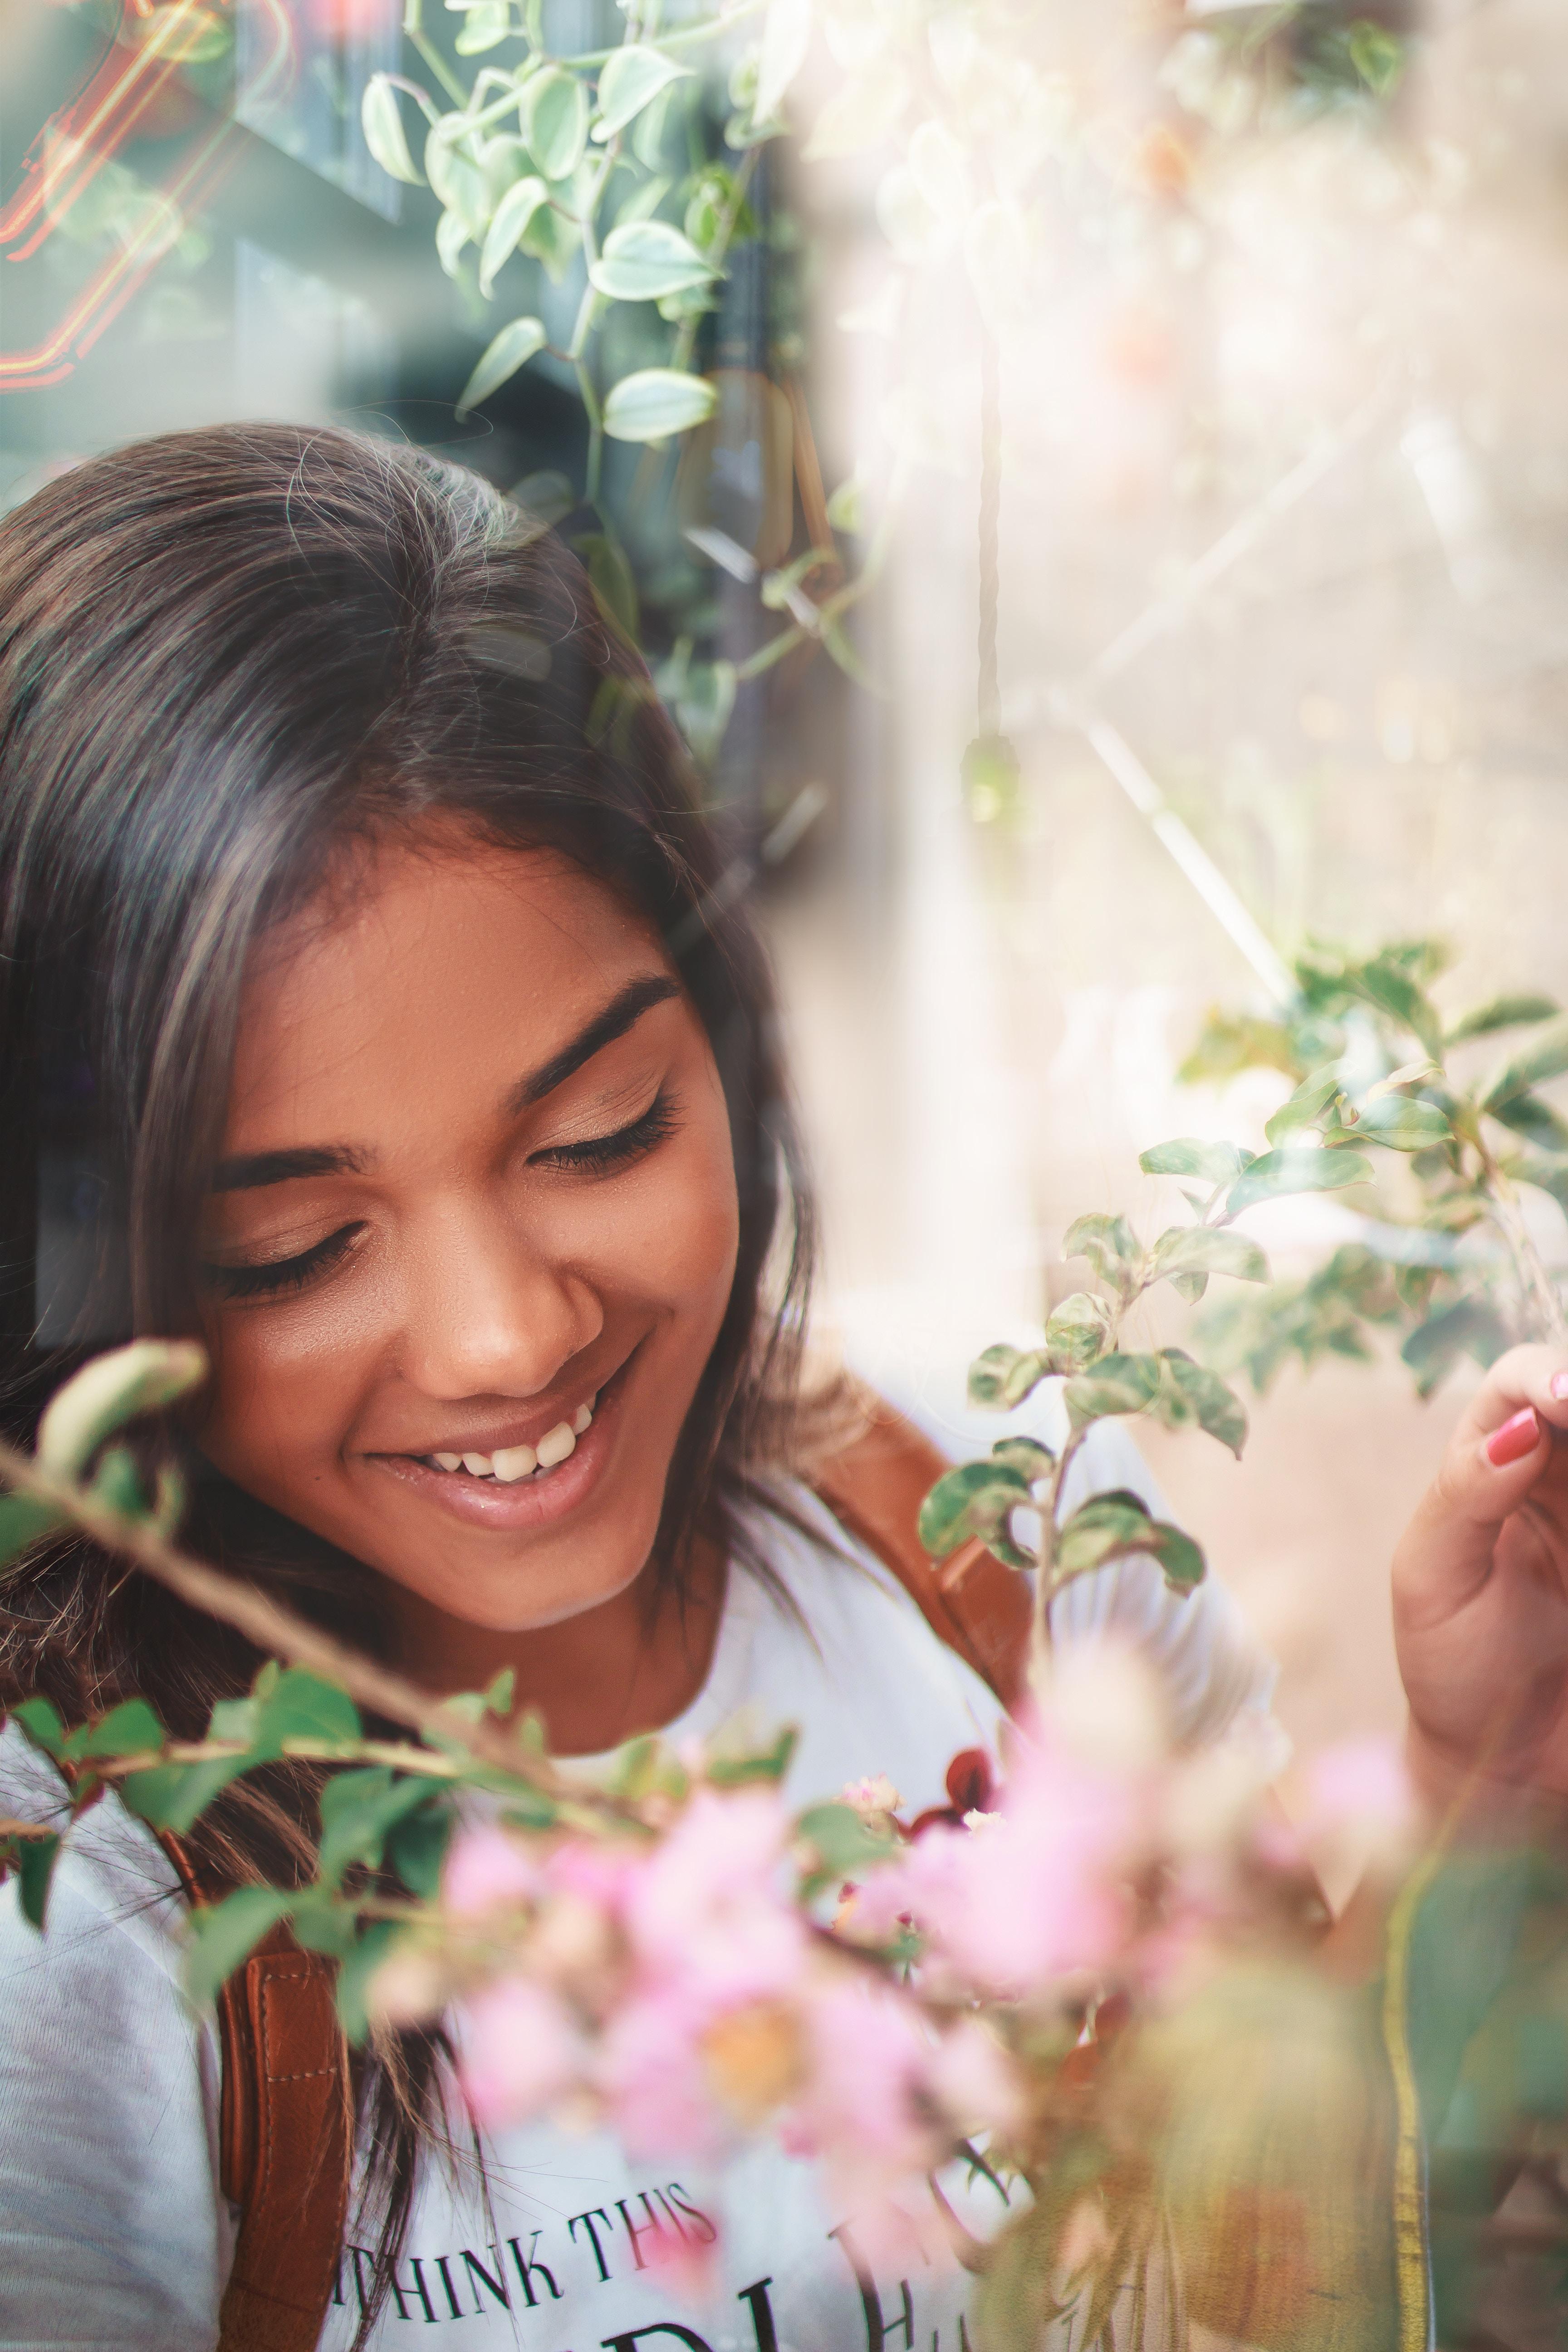 微笑む女性と花